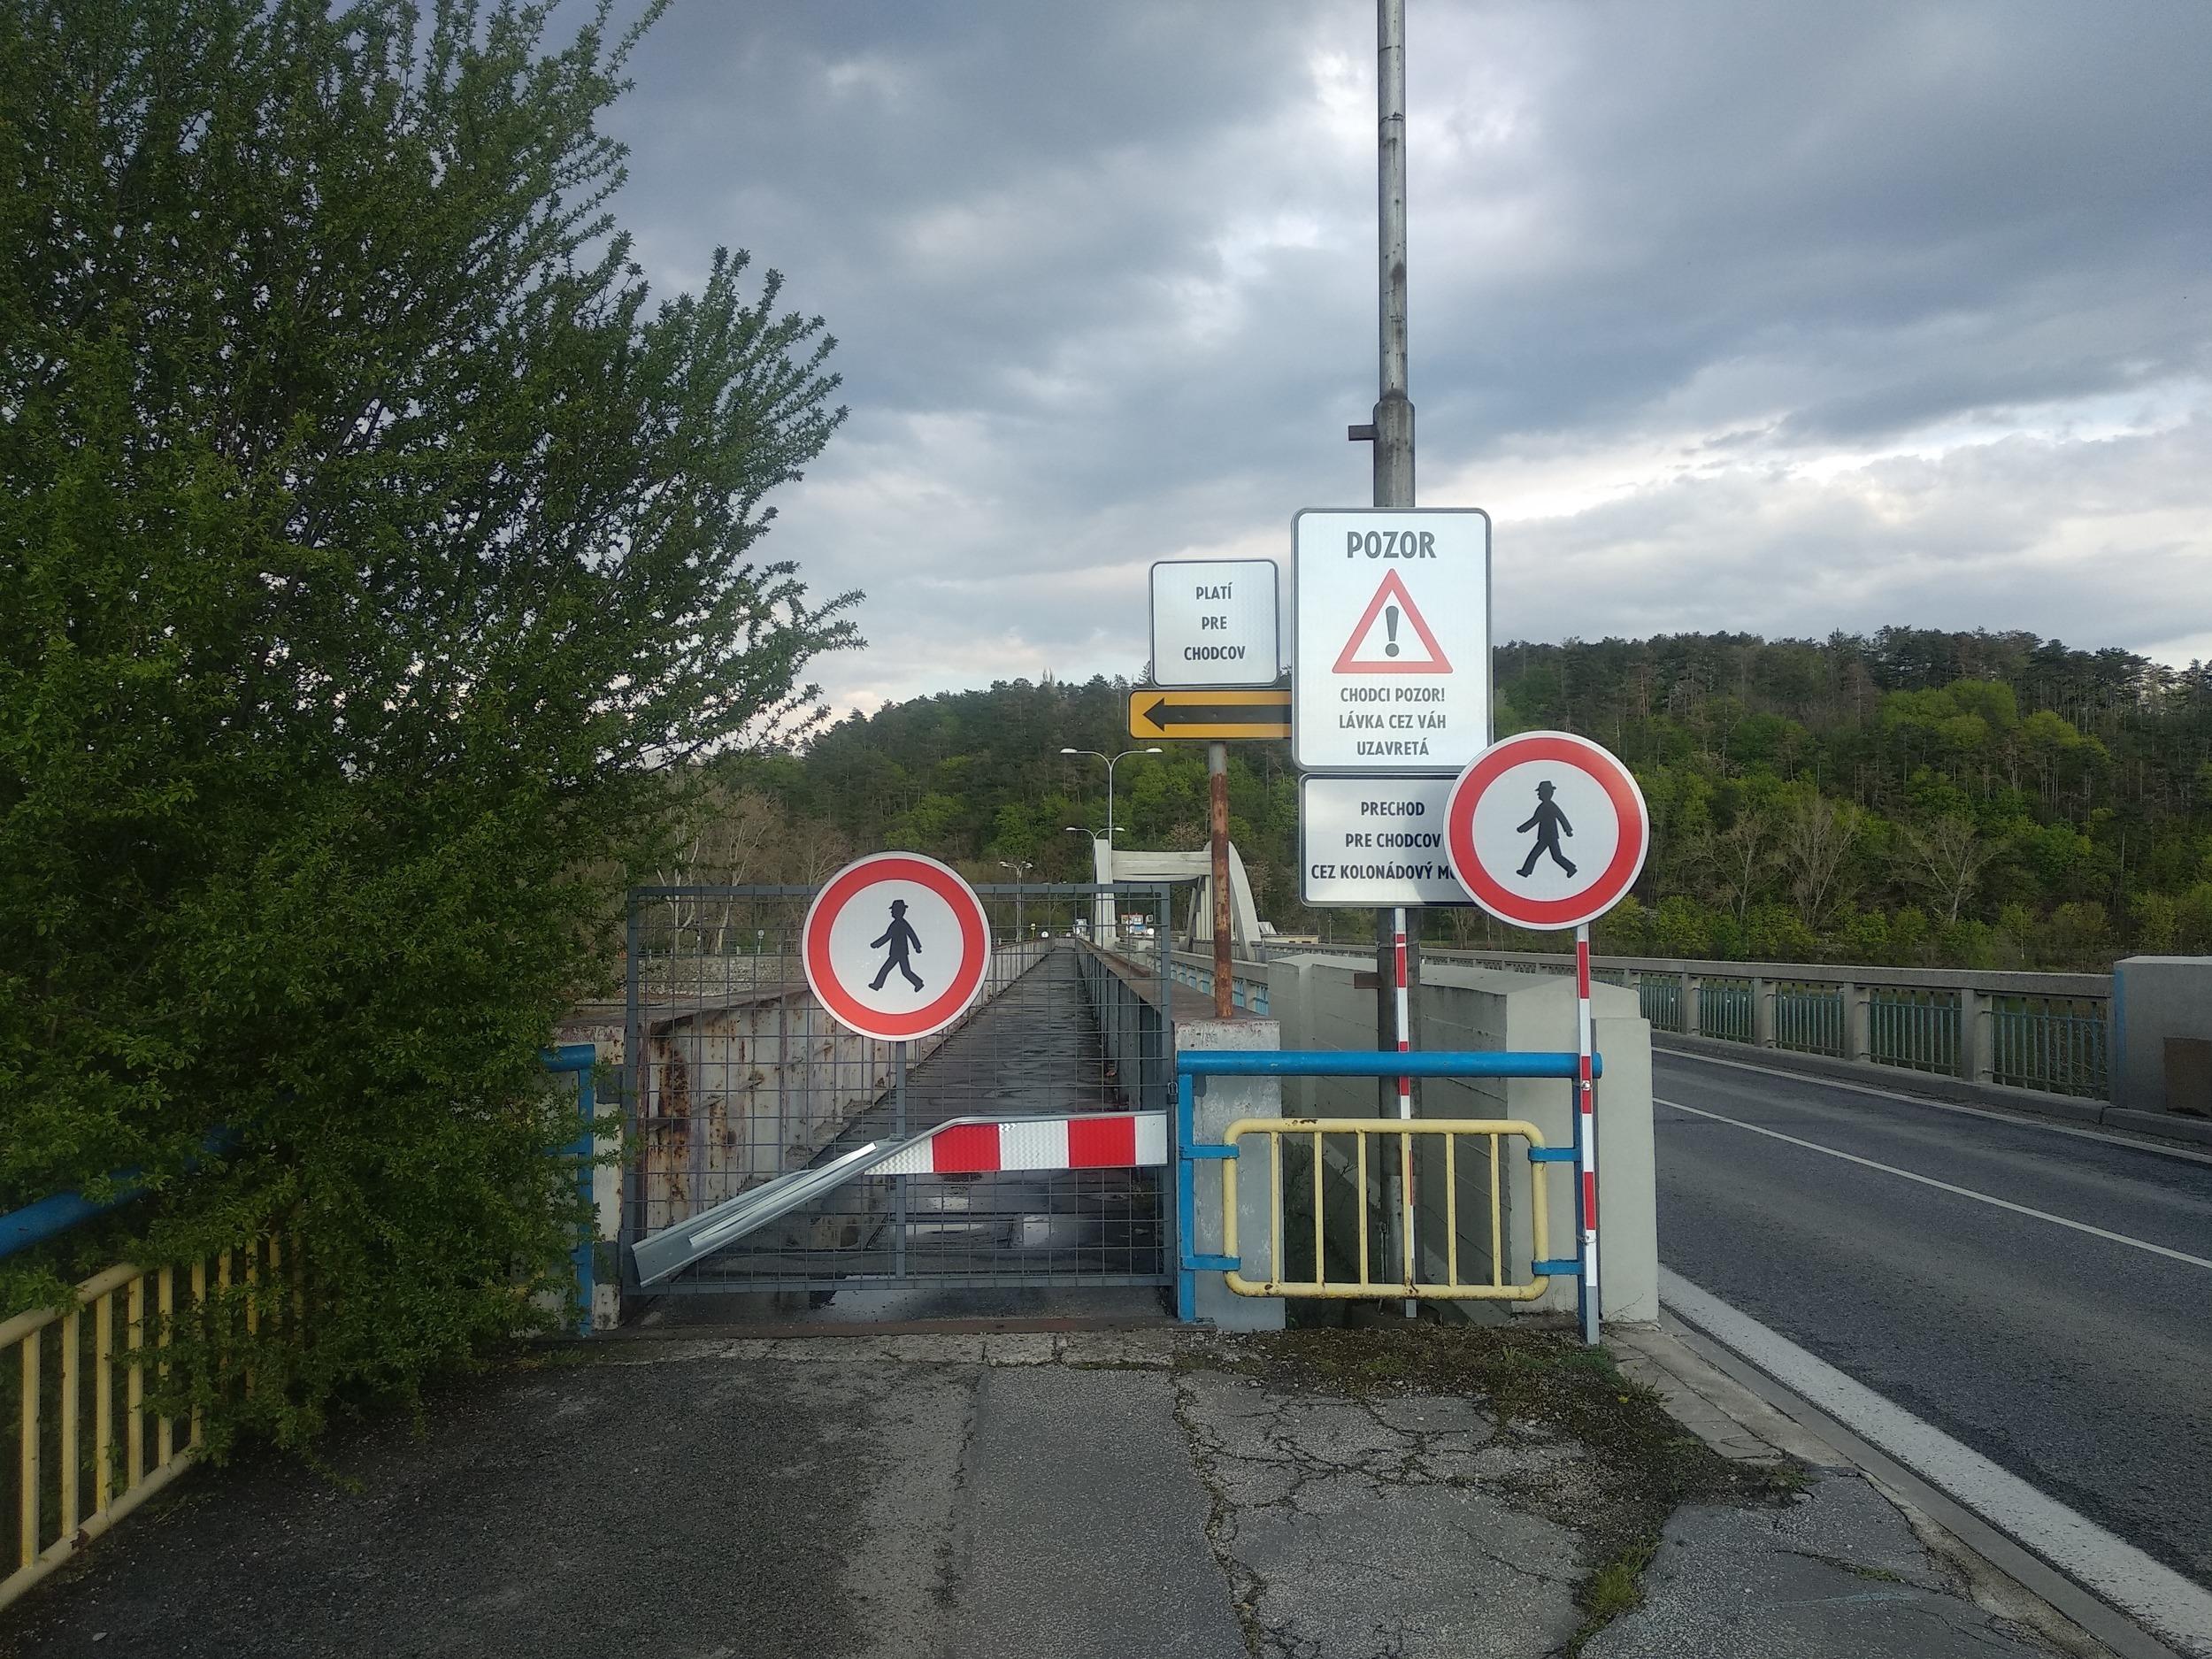 Krajinský most je cyklistov nebezpečný, žiadajú dočasné opatrenia (otvorený list)